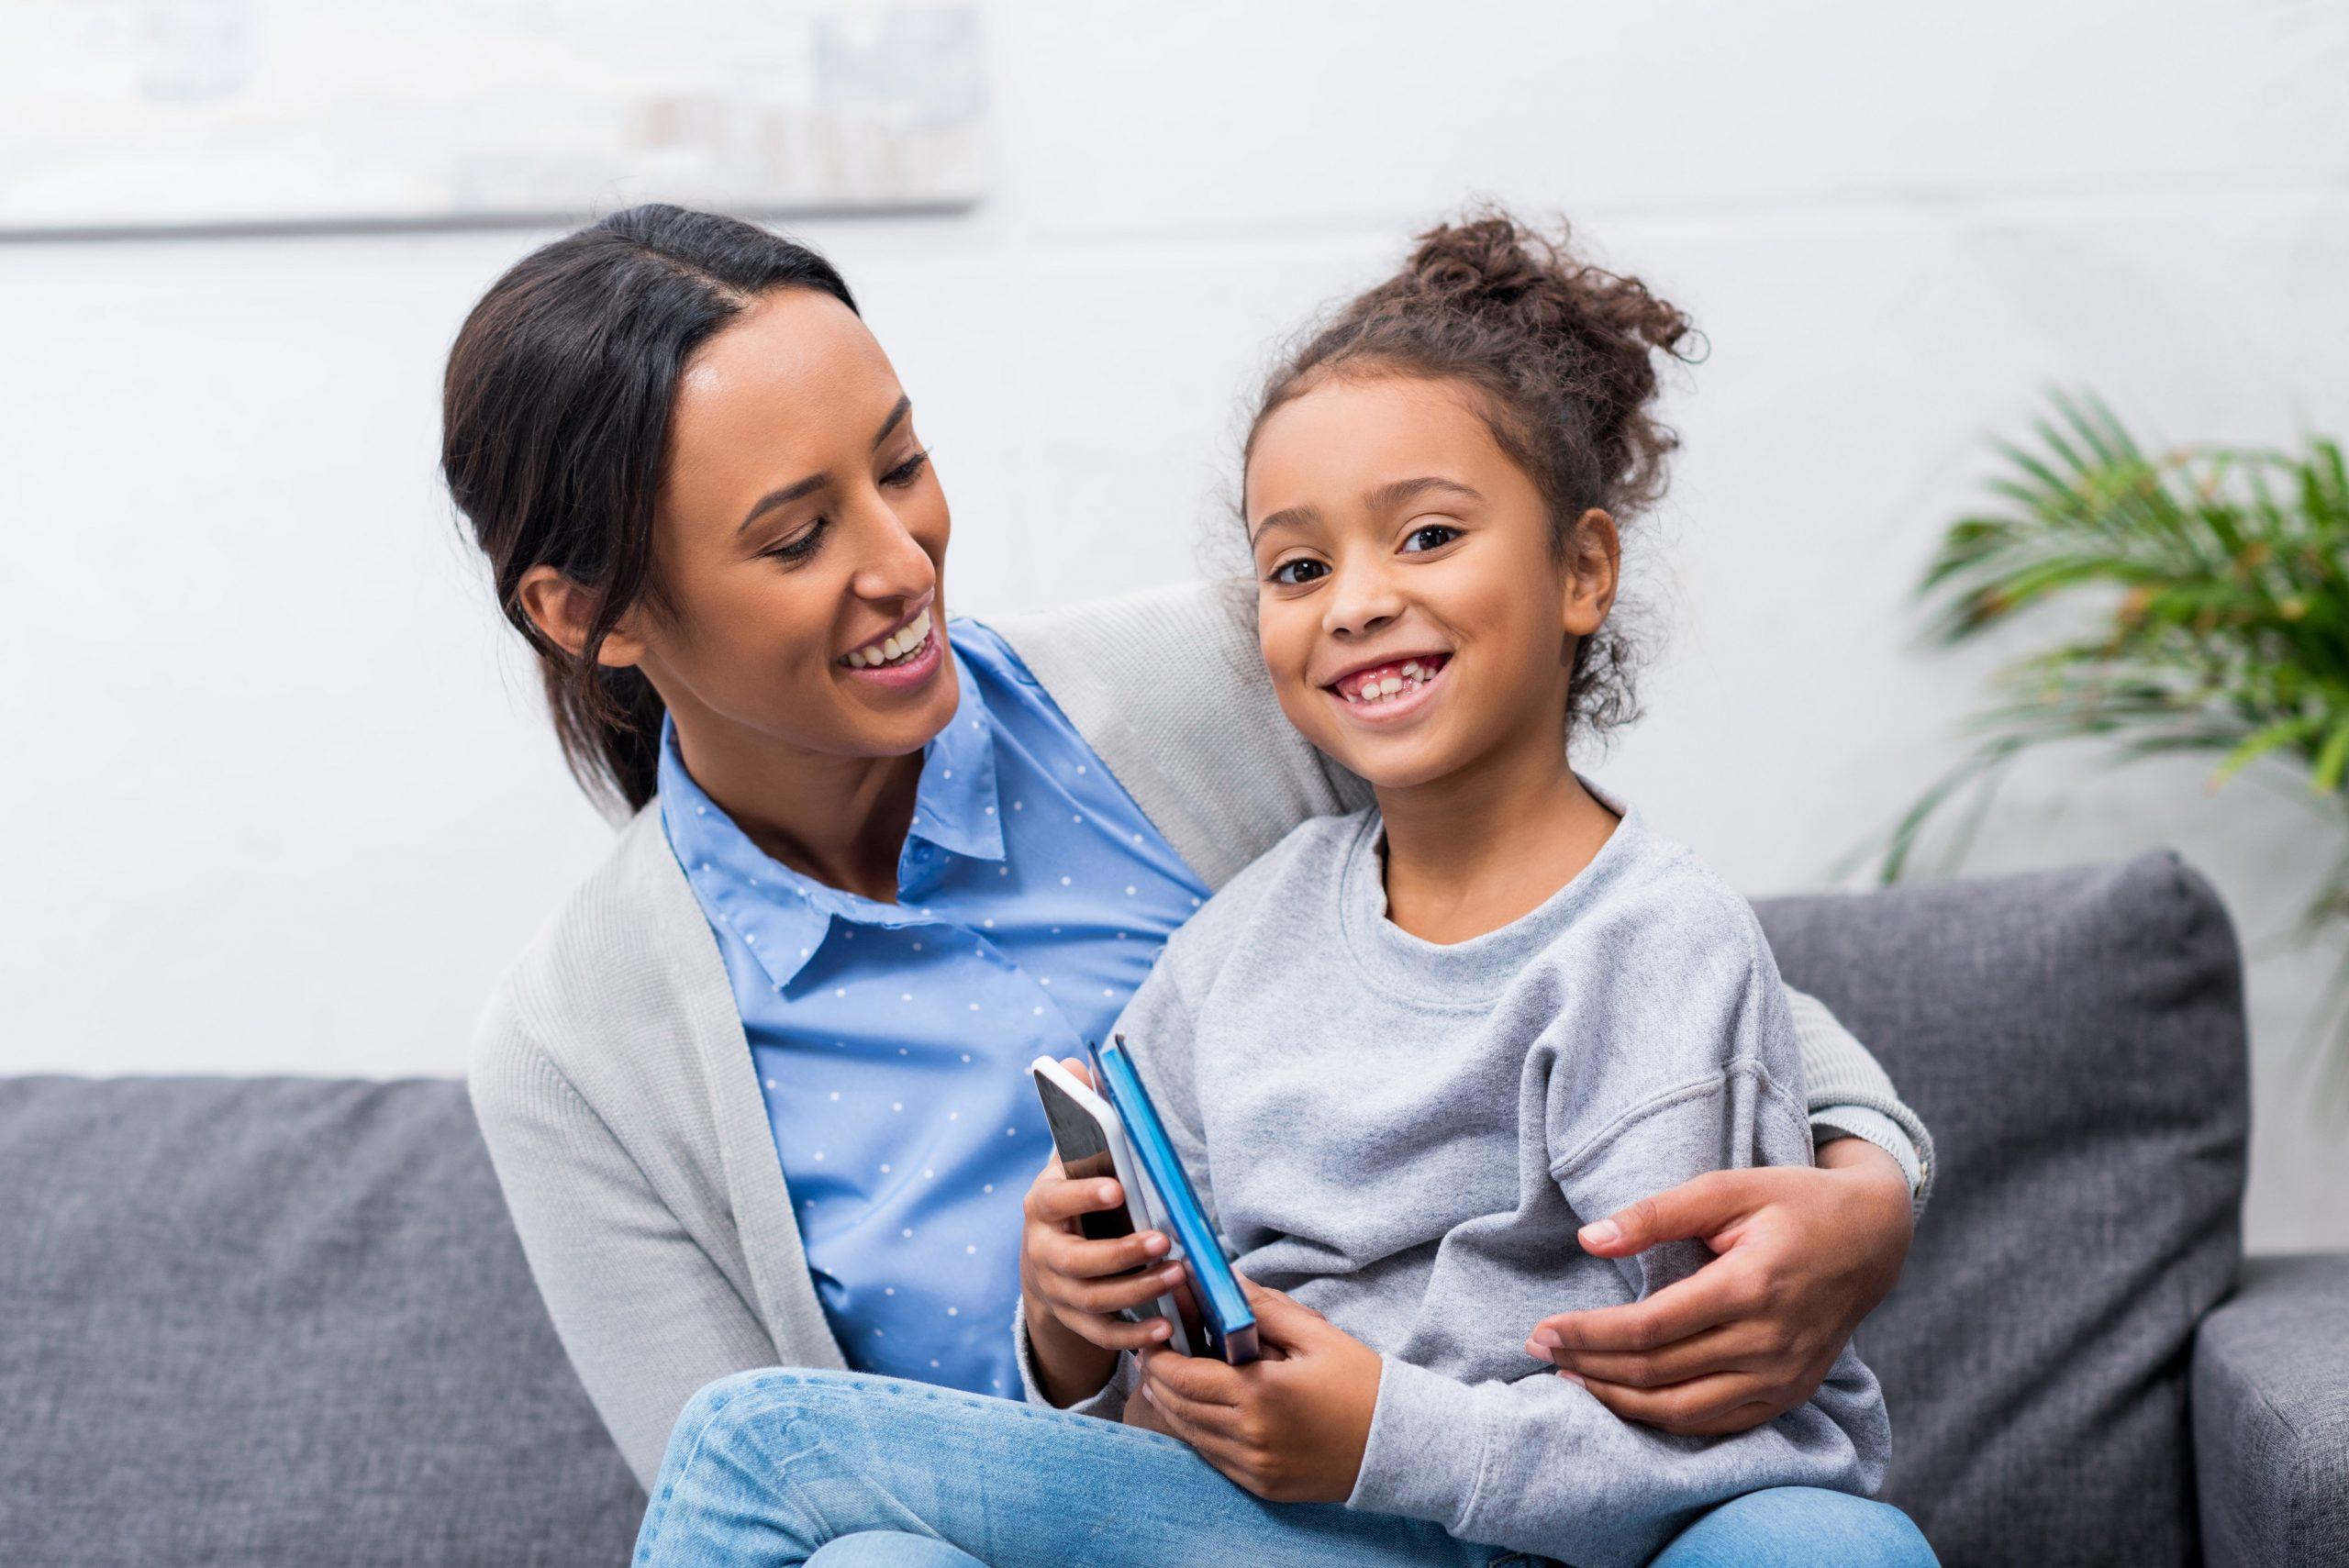 Reflexões e Cotidiano: Pais e filhos desobedientes